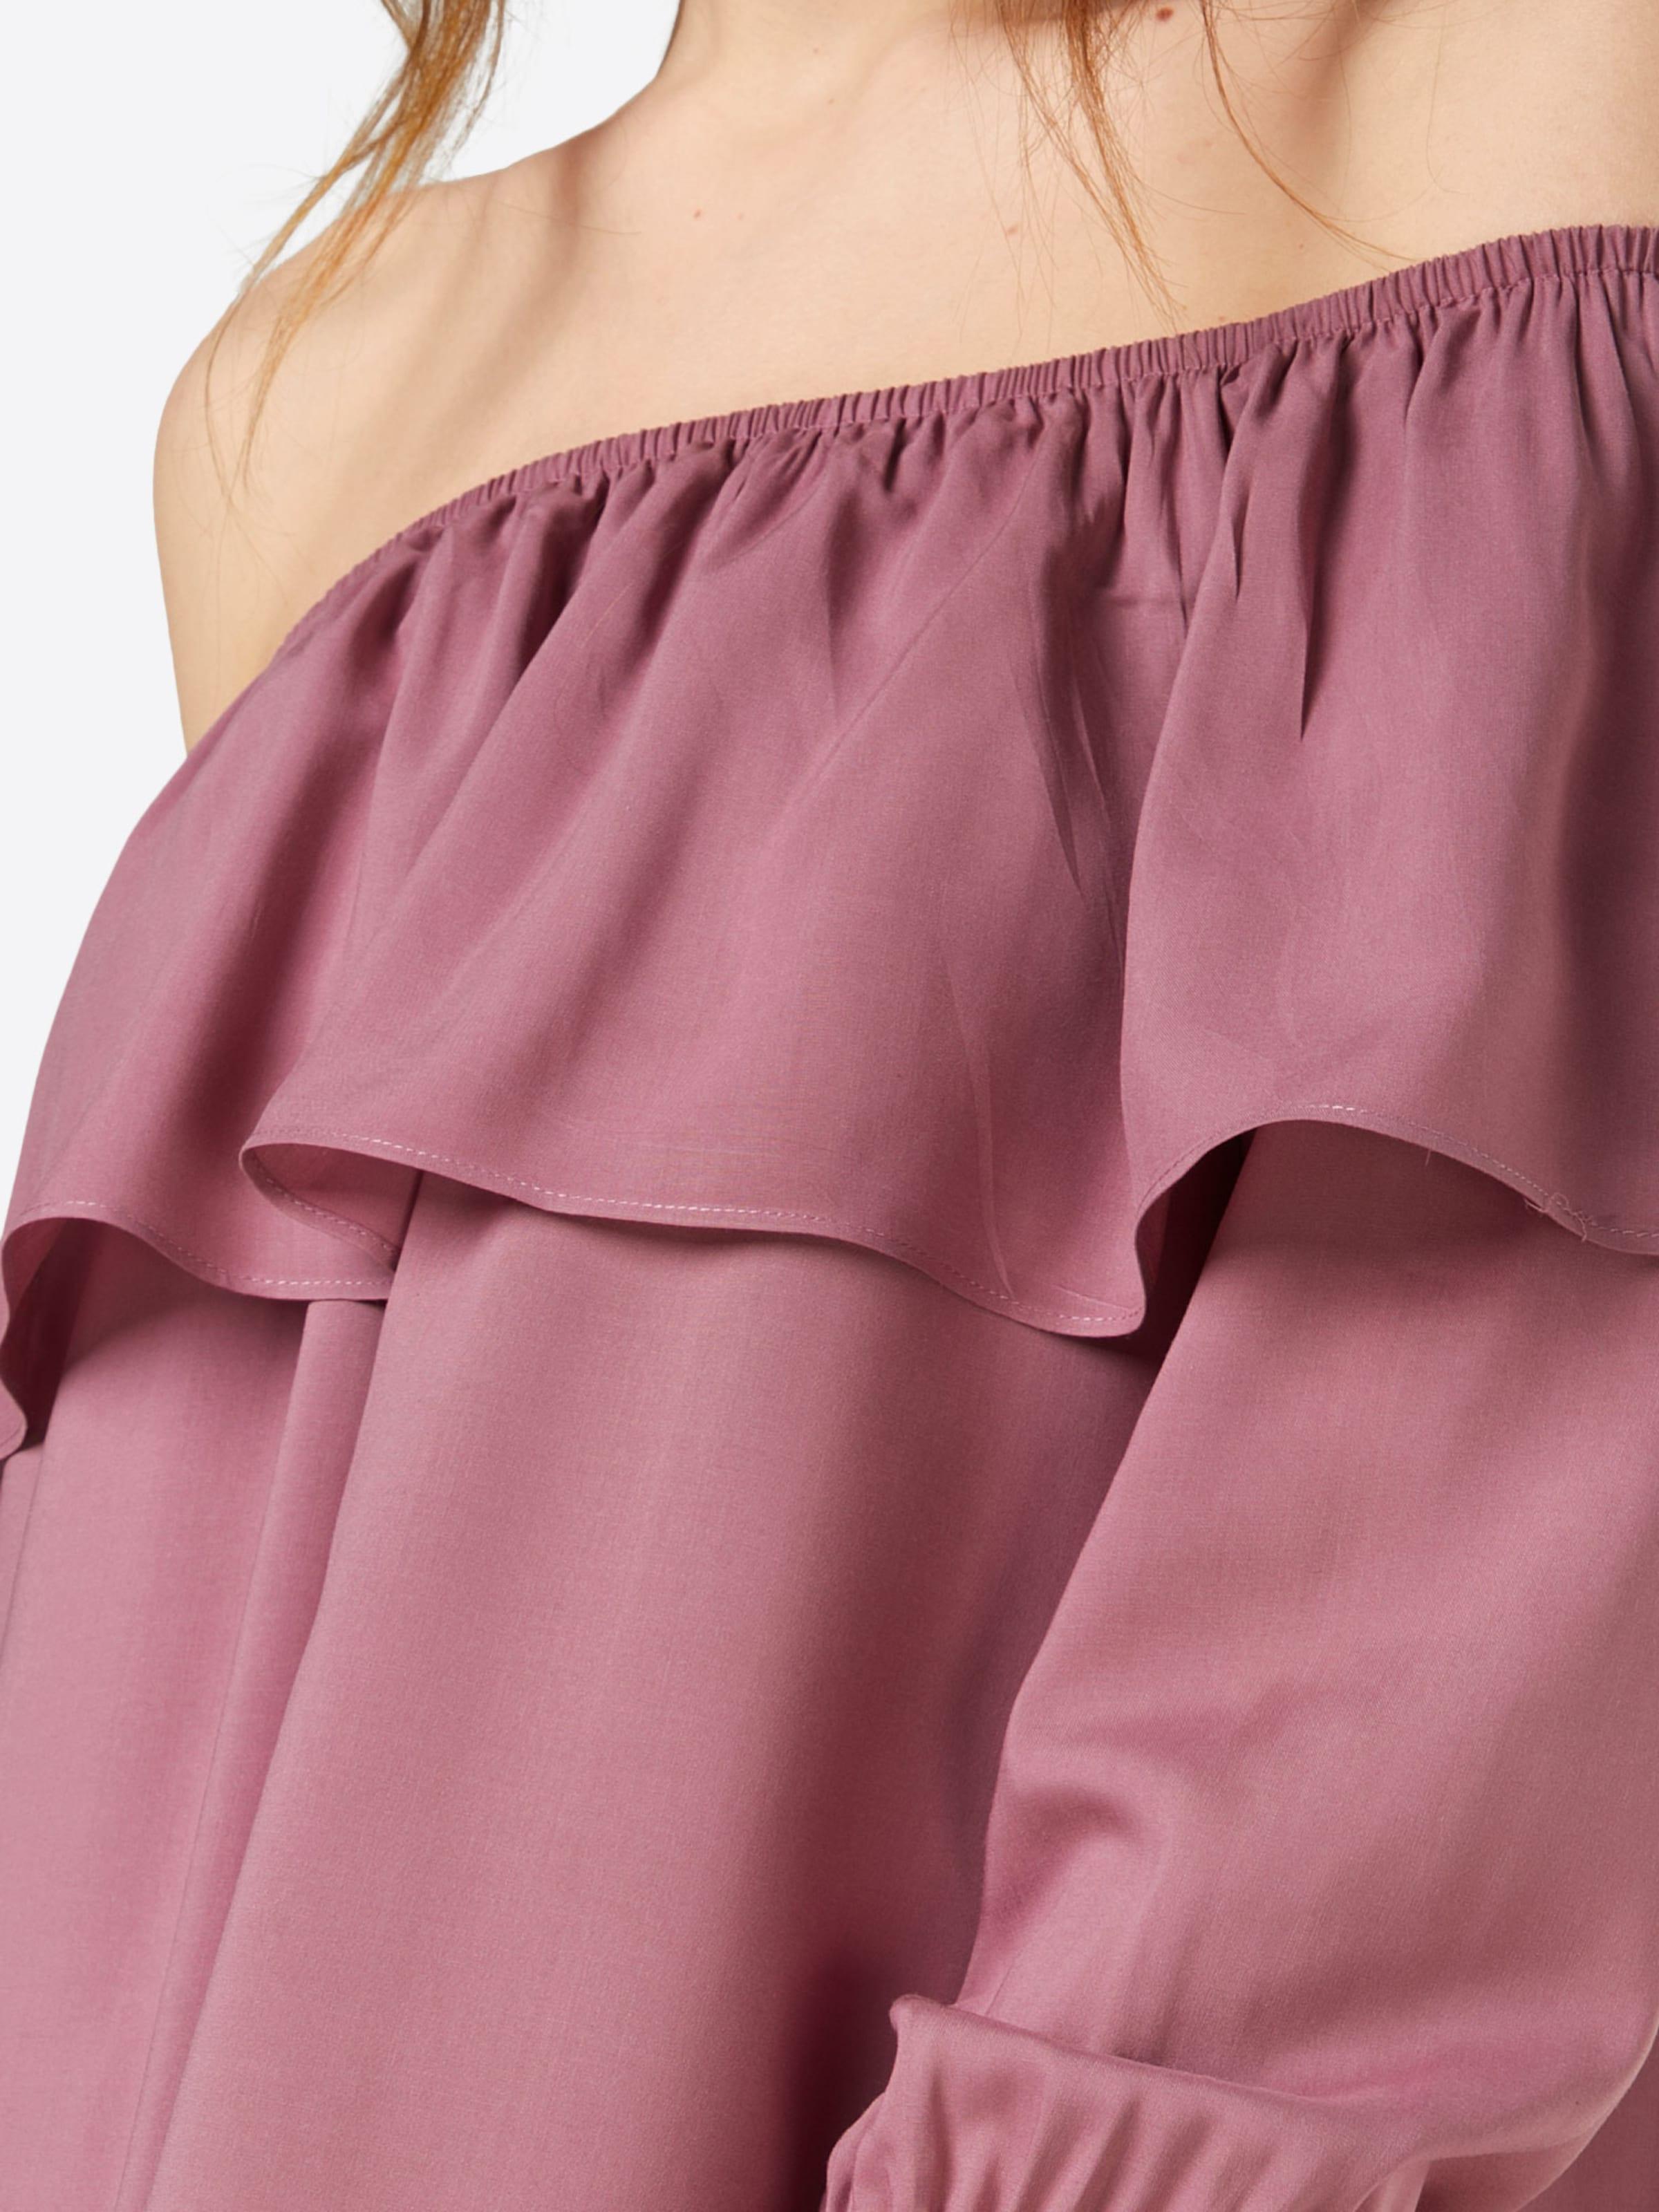 Die Offizielle Website Zum Verkauf GLAMOROUS Sommerkleid Freie Versandpreise Qbsv68s